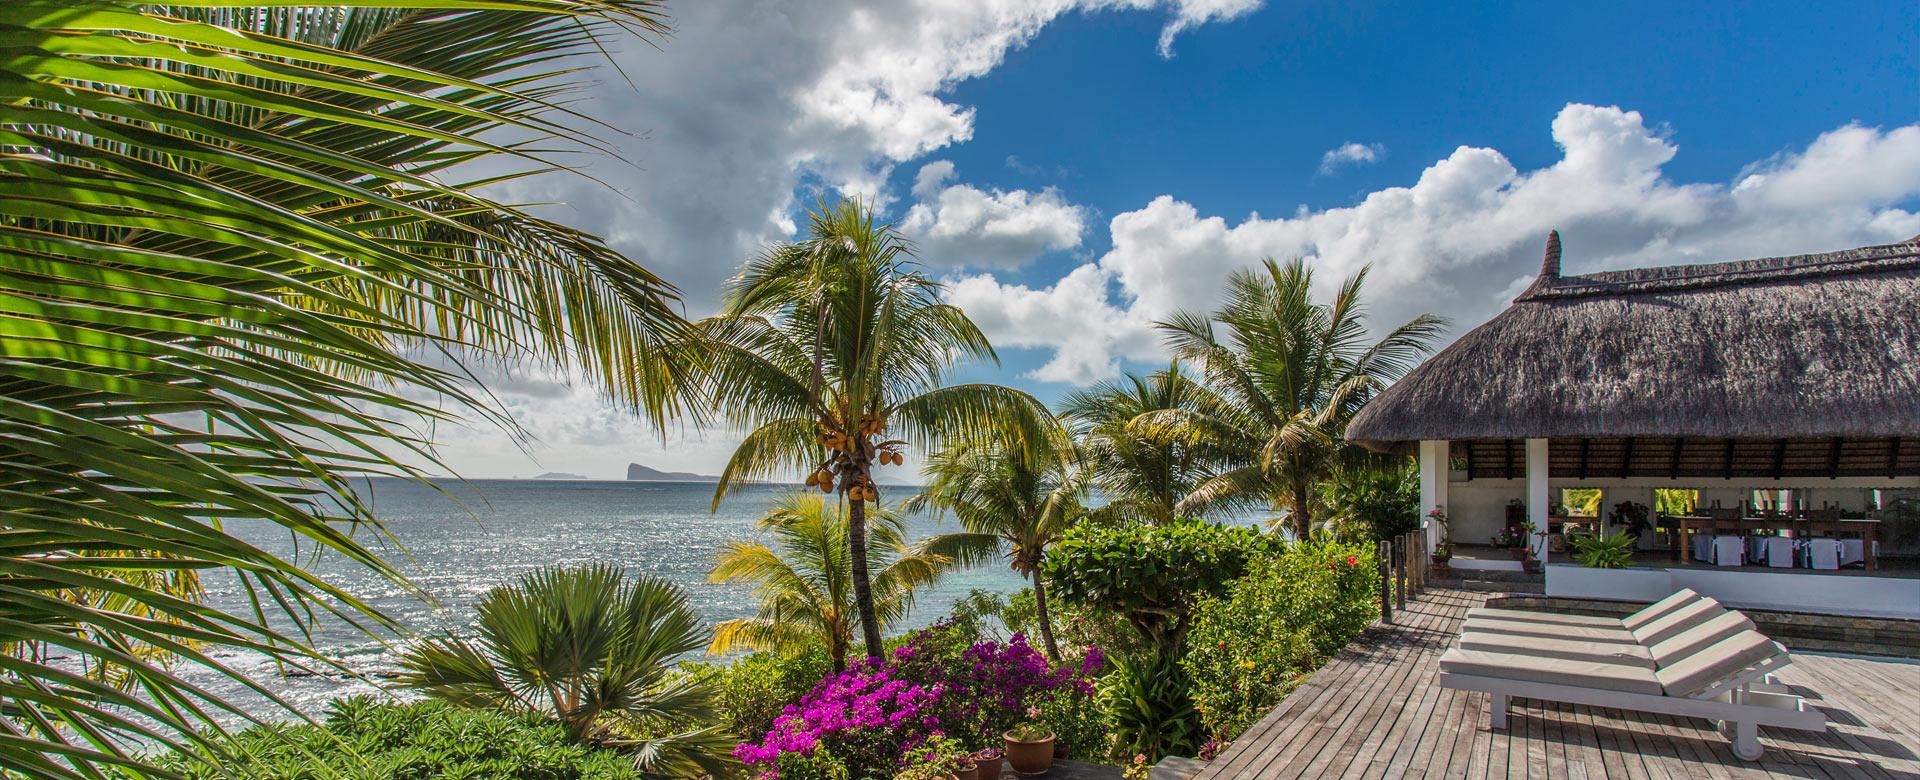 Ferienvillen mieten Mauritius